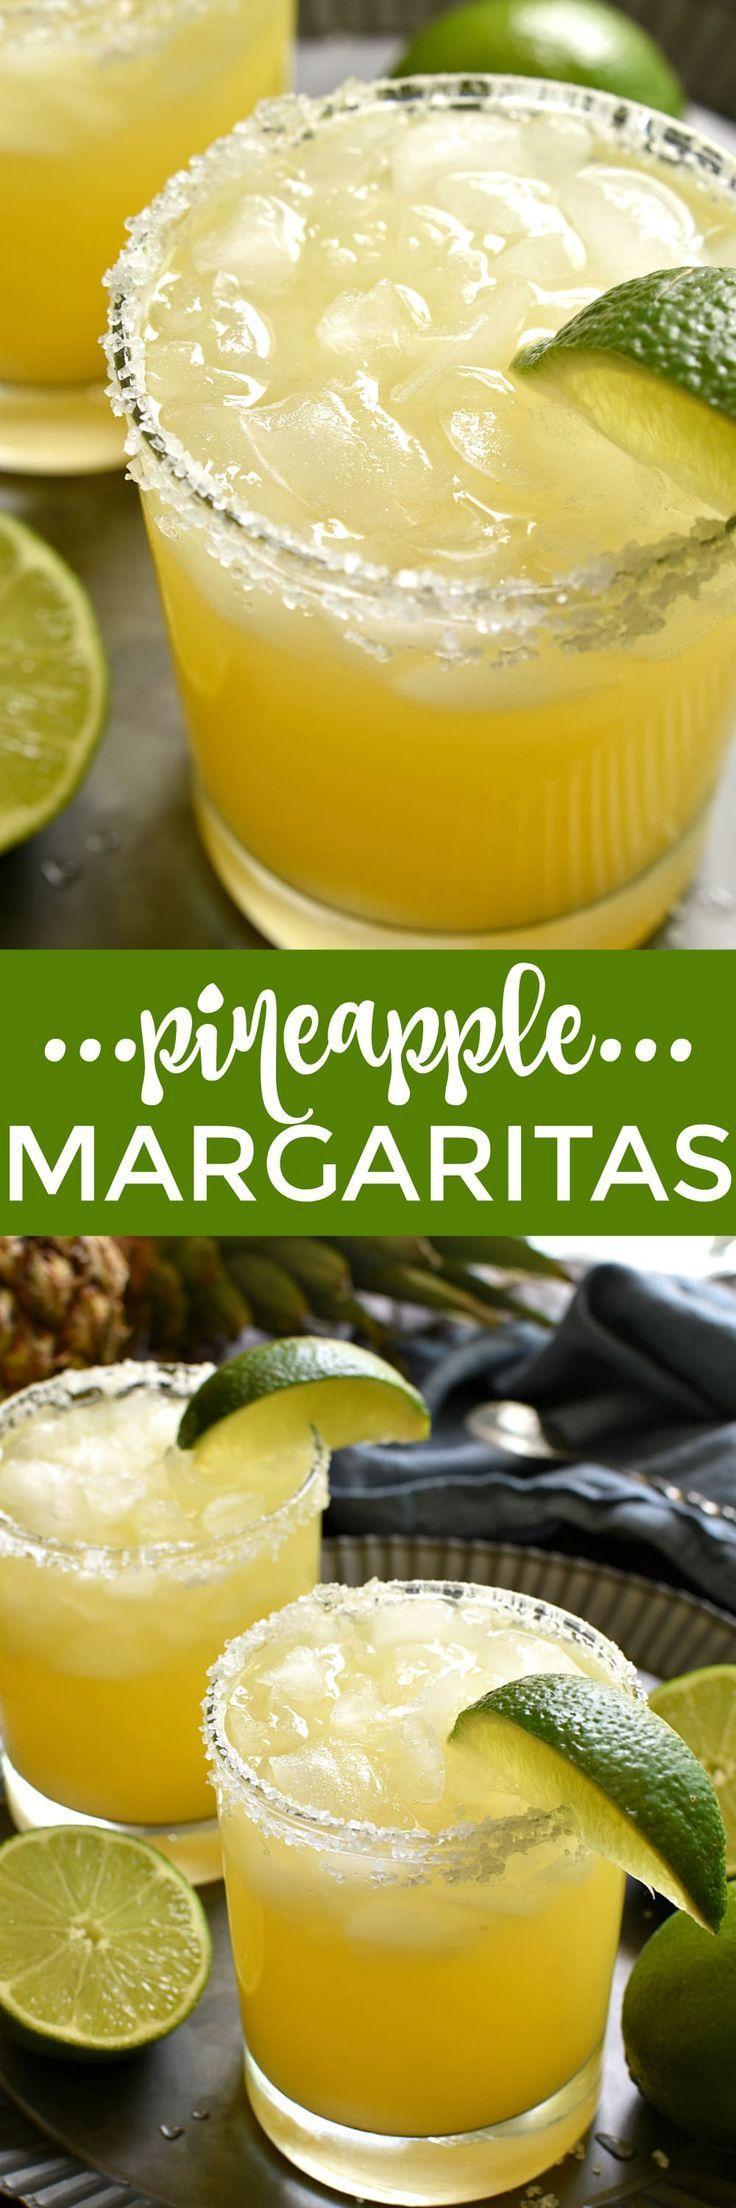 Hochzeit - Pineapple Margaritas